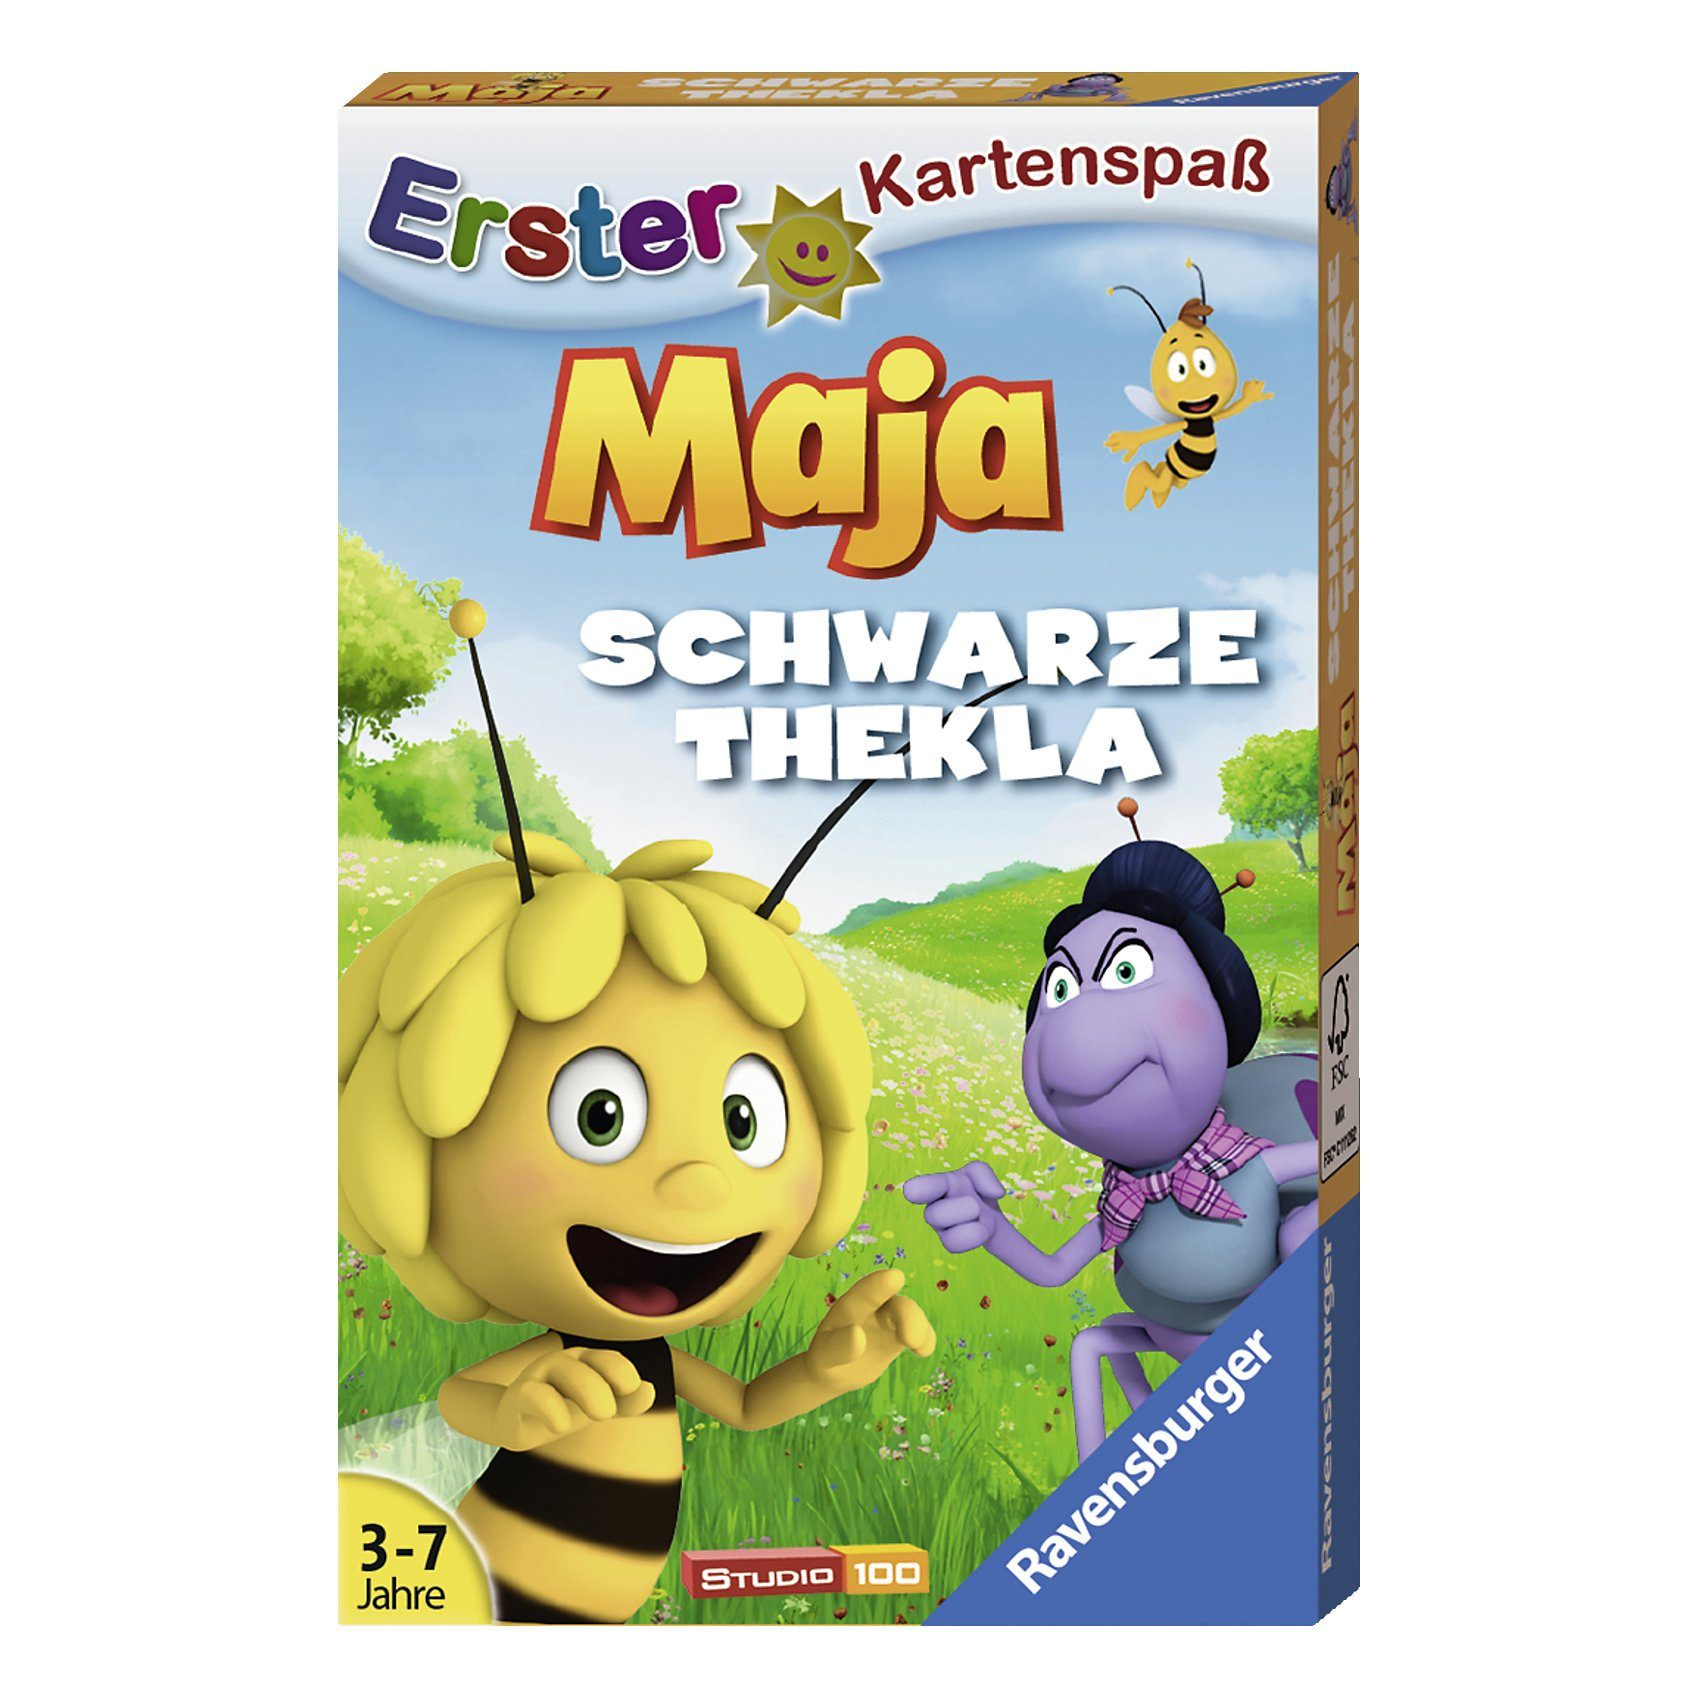 Ravensburger Biene Maja Kartenspiel Schwarze Thekla